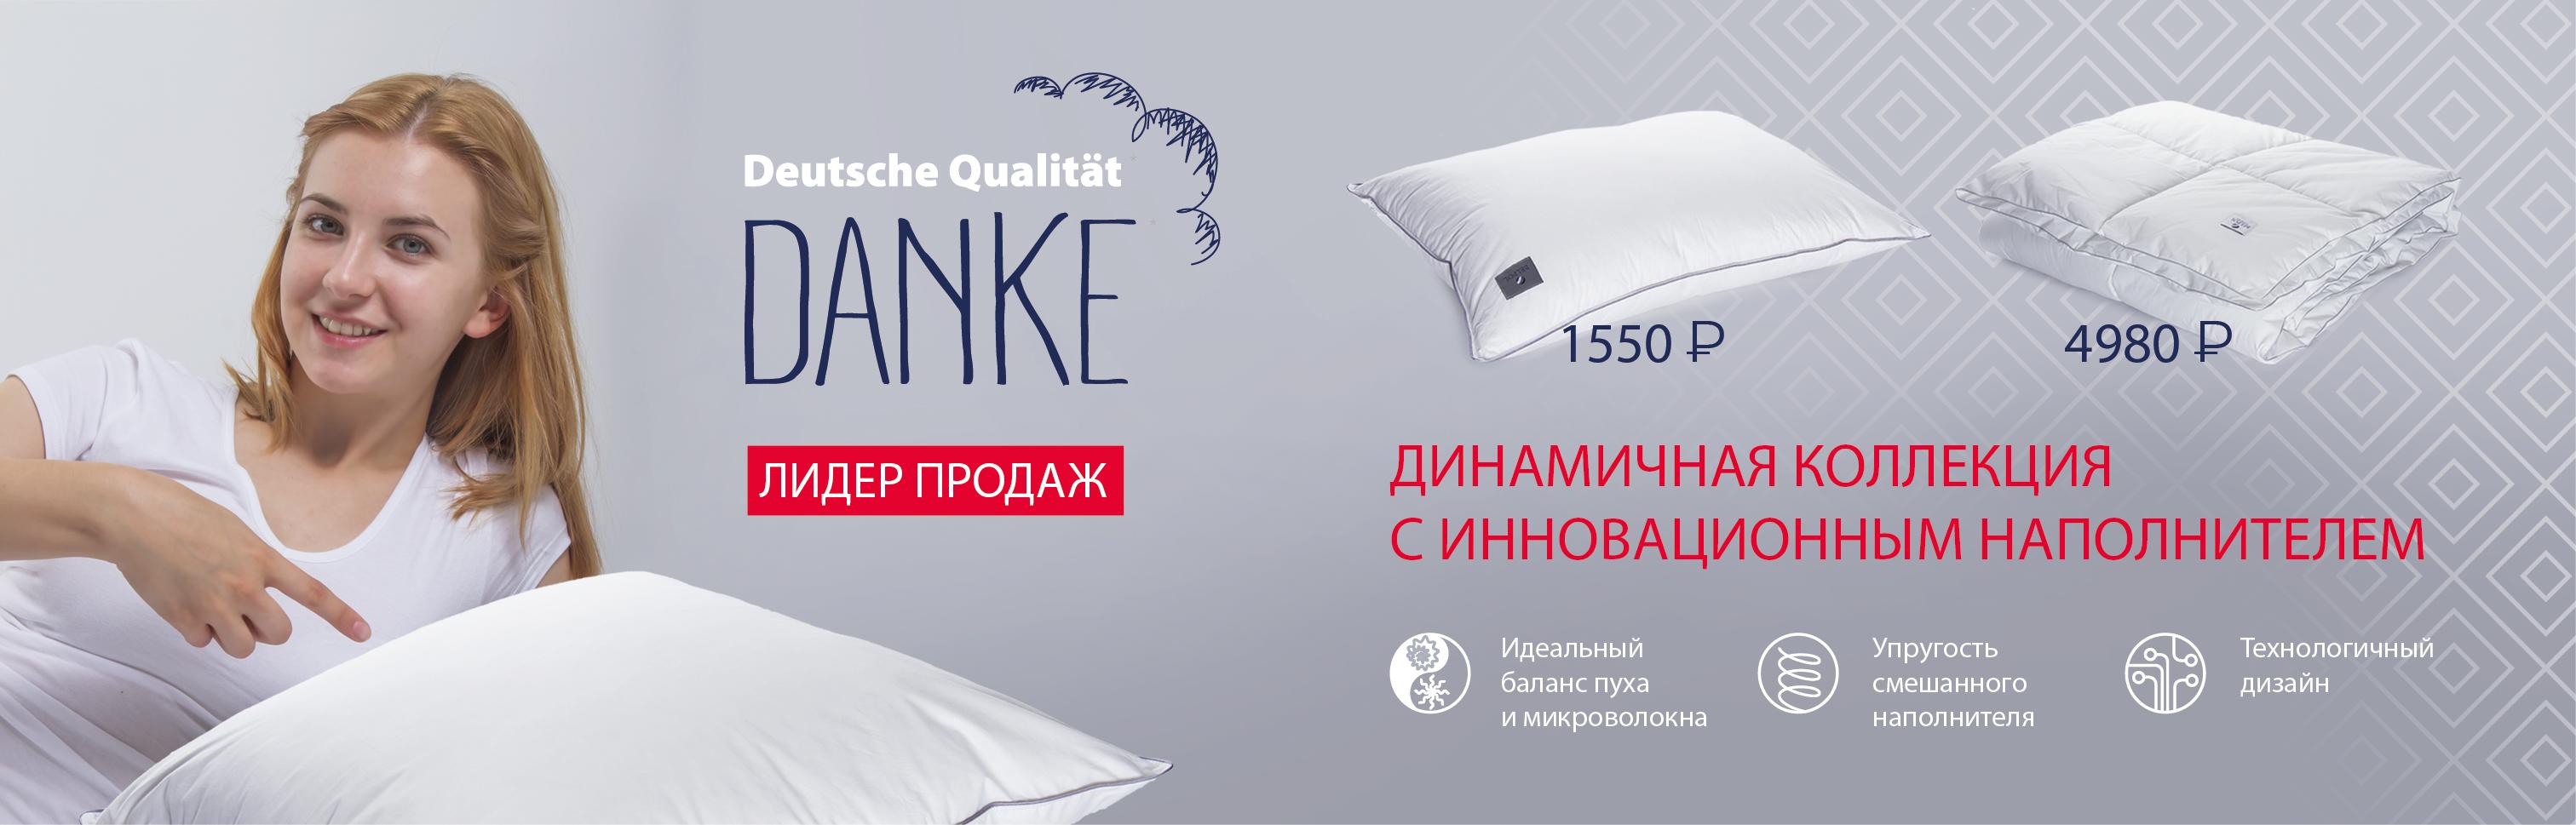 Danke-01